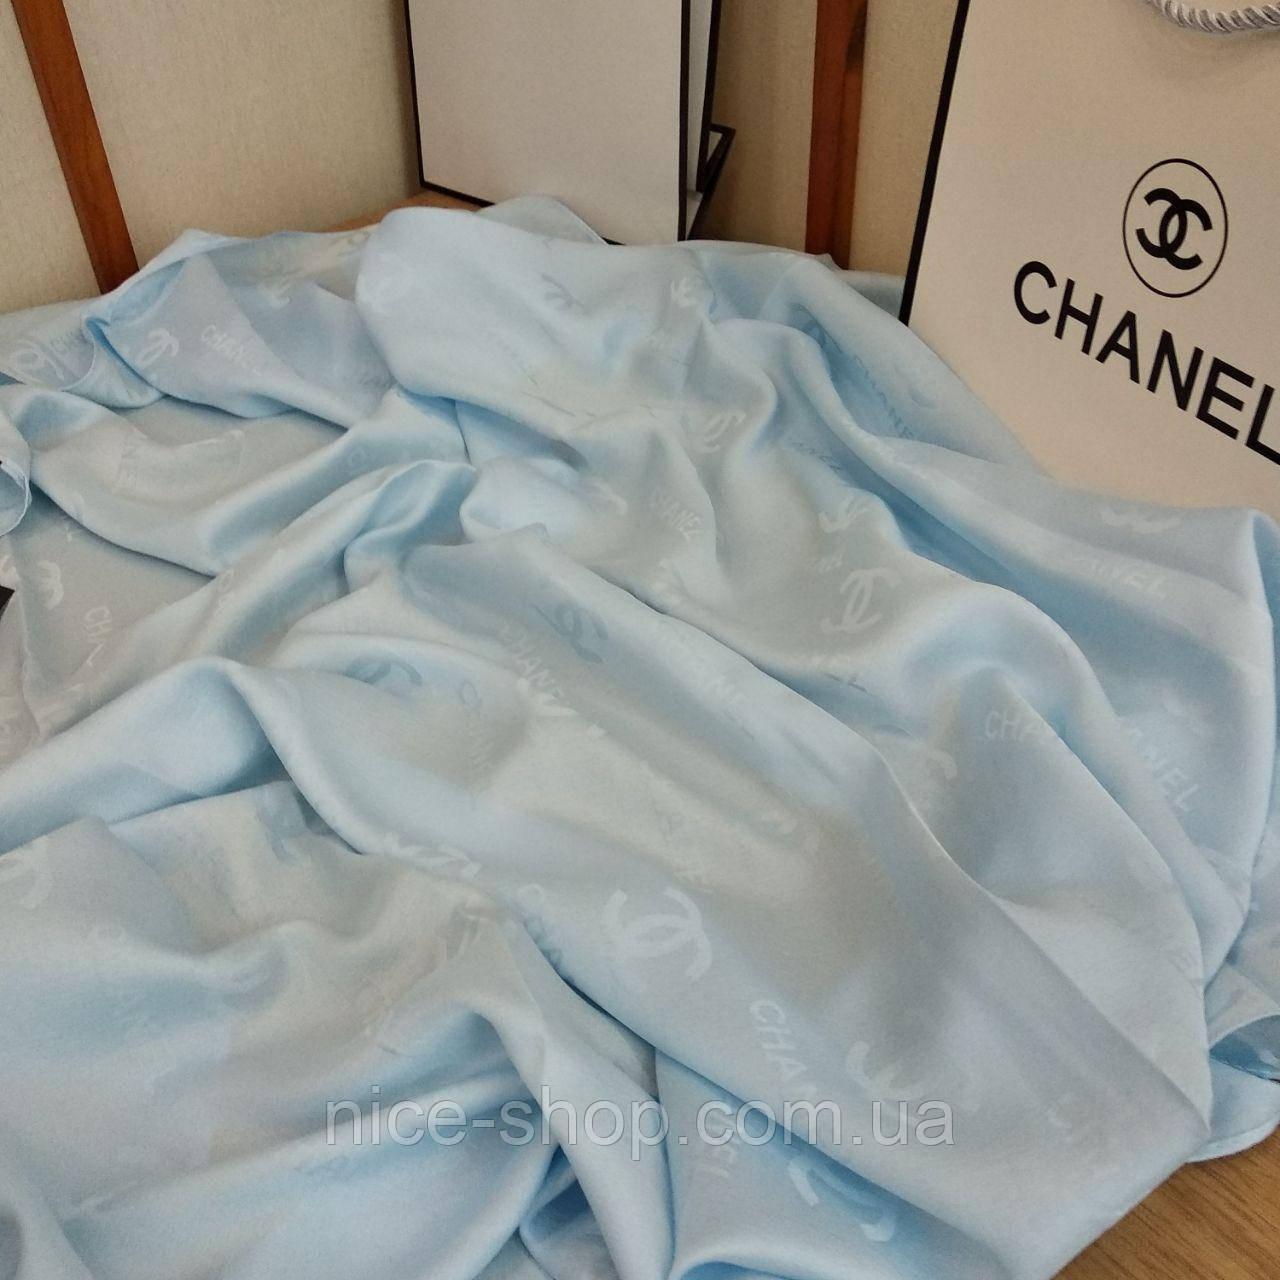 Шелковый брендовый платок, небесно-голубой